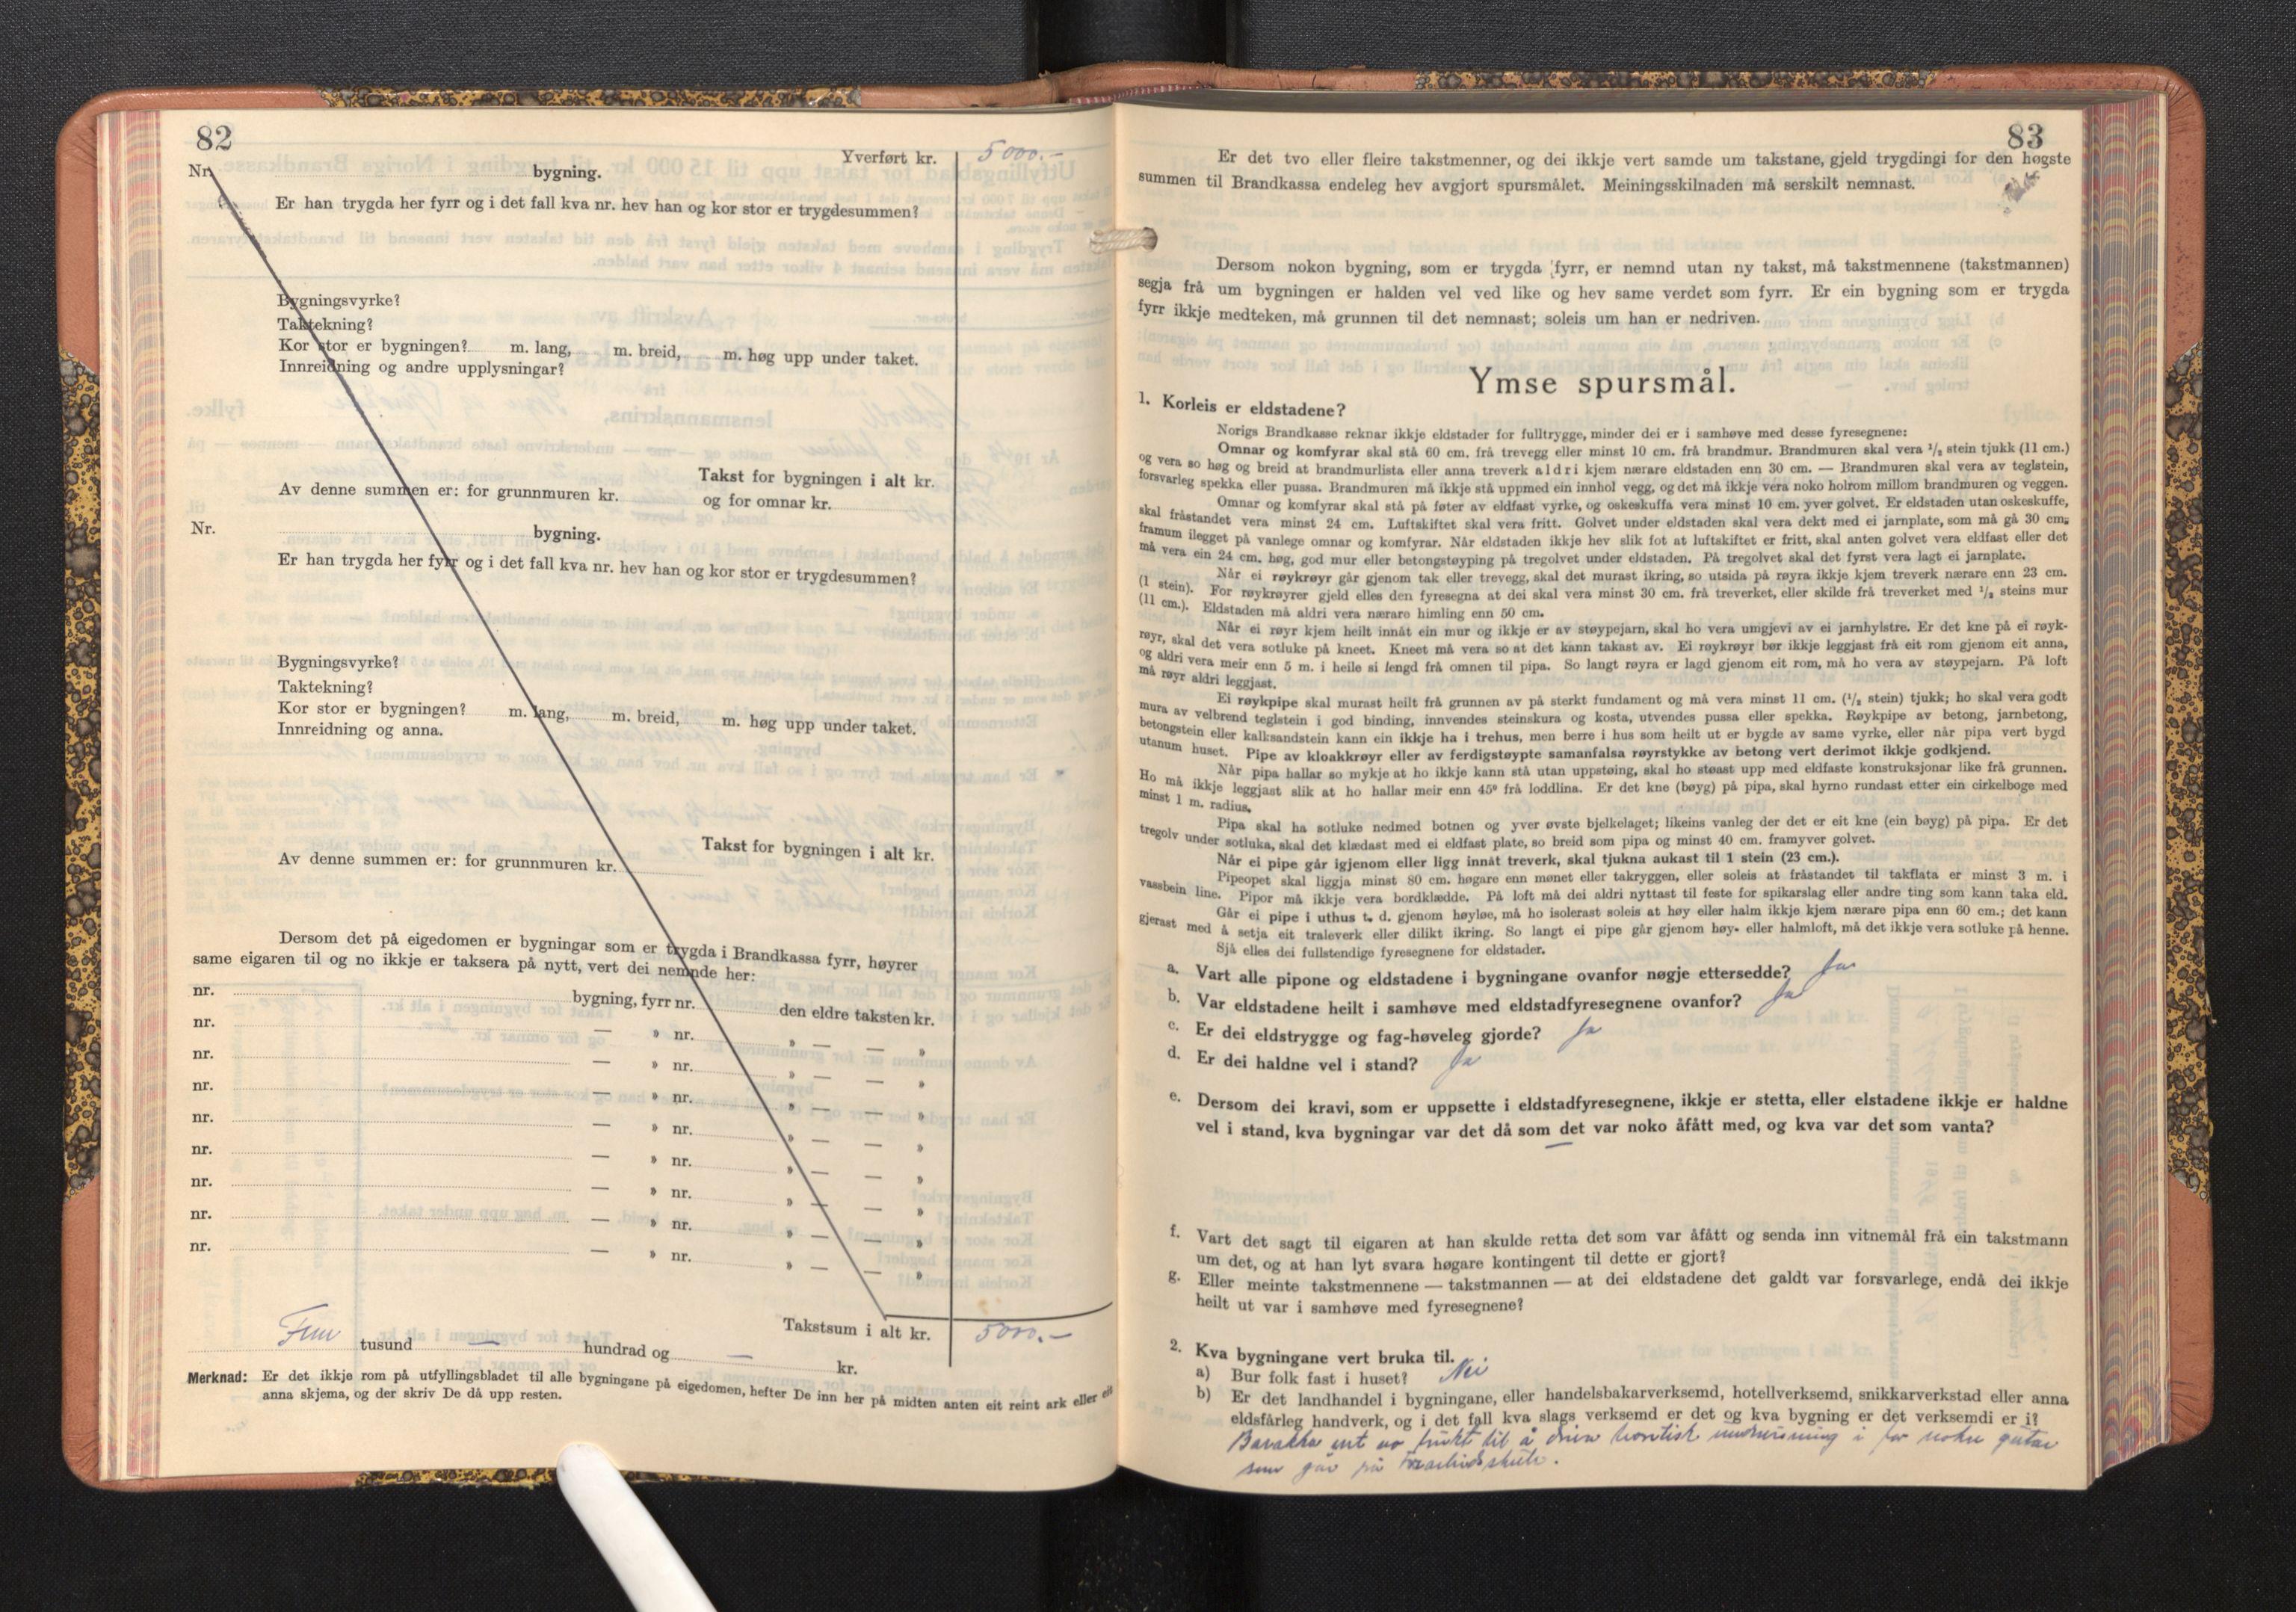 SAB, Lensmannen i Askvoll, 0012/L0005: Branntakstprotokoll, skjematakst, 1940-1949, s. 82-83